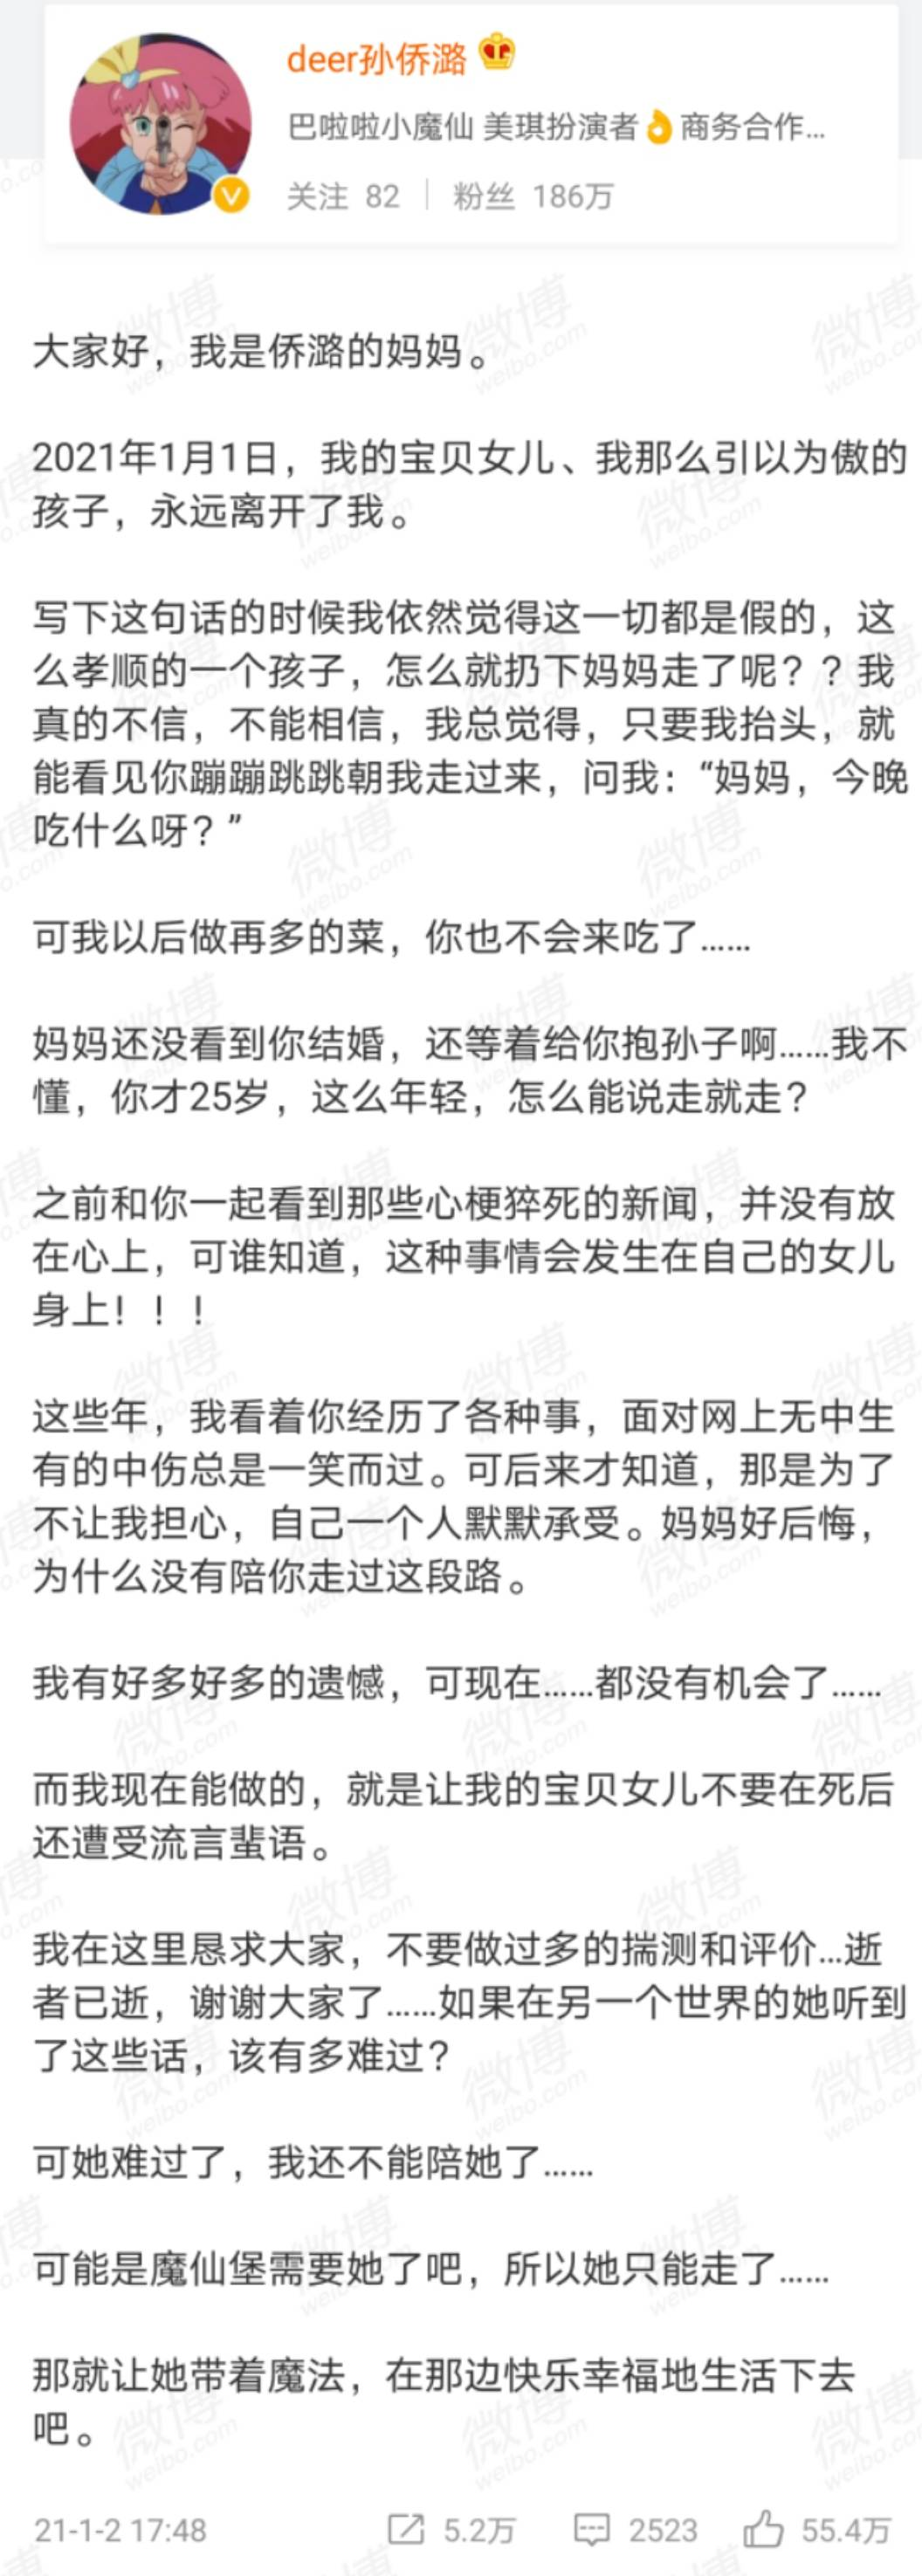 凌美雪扮演者孙侨潞去世!